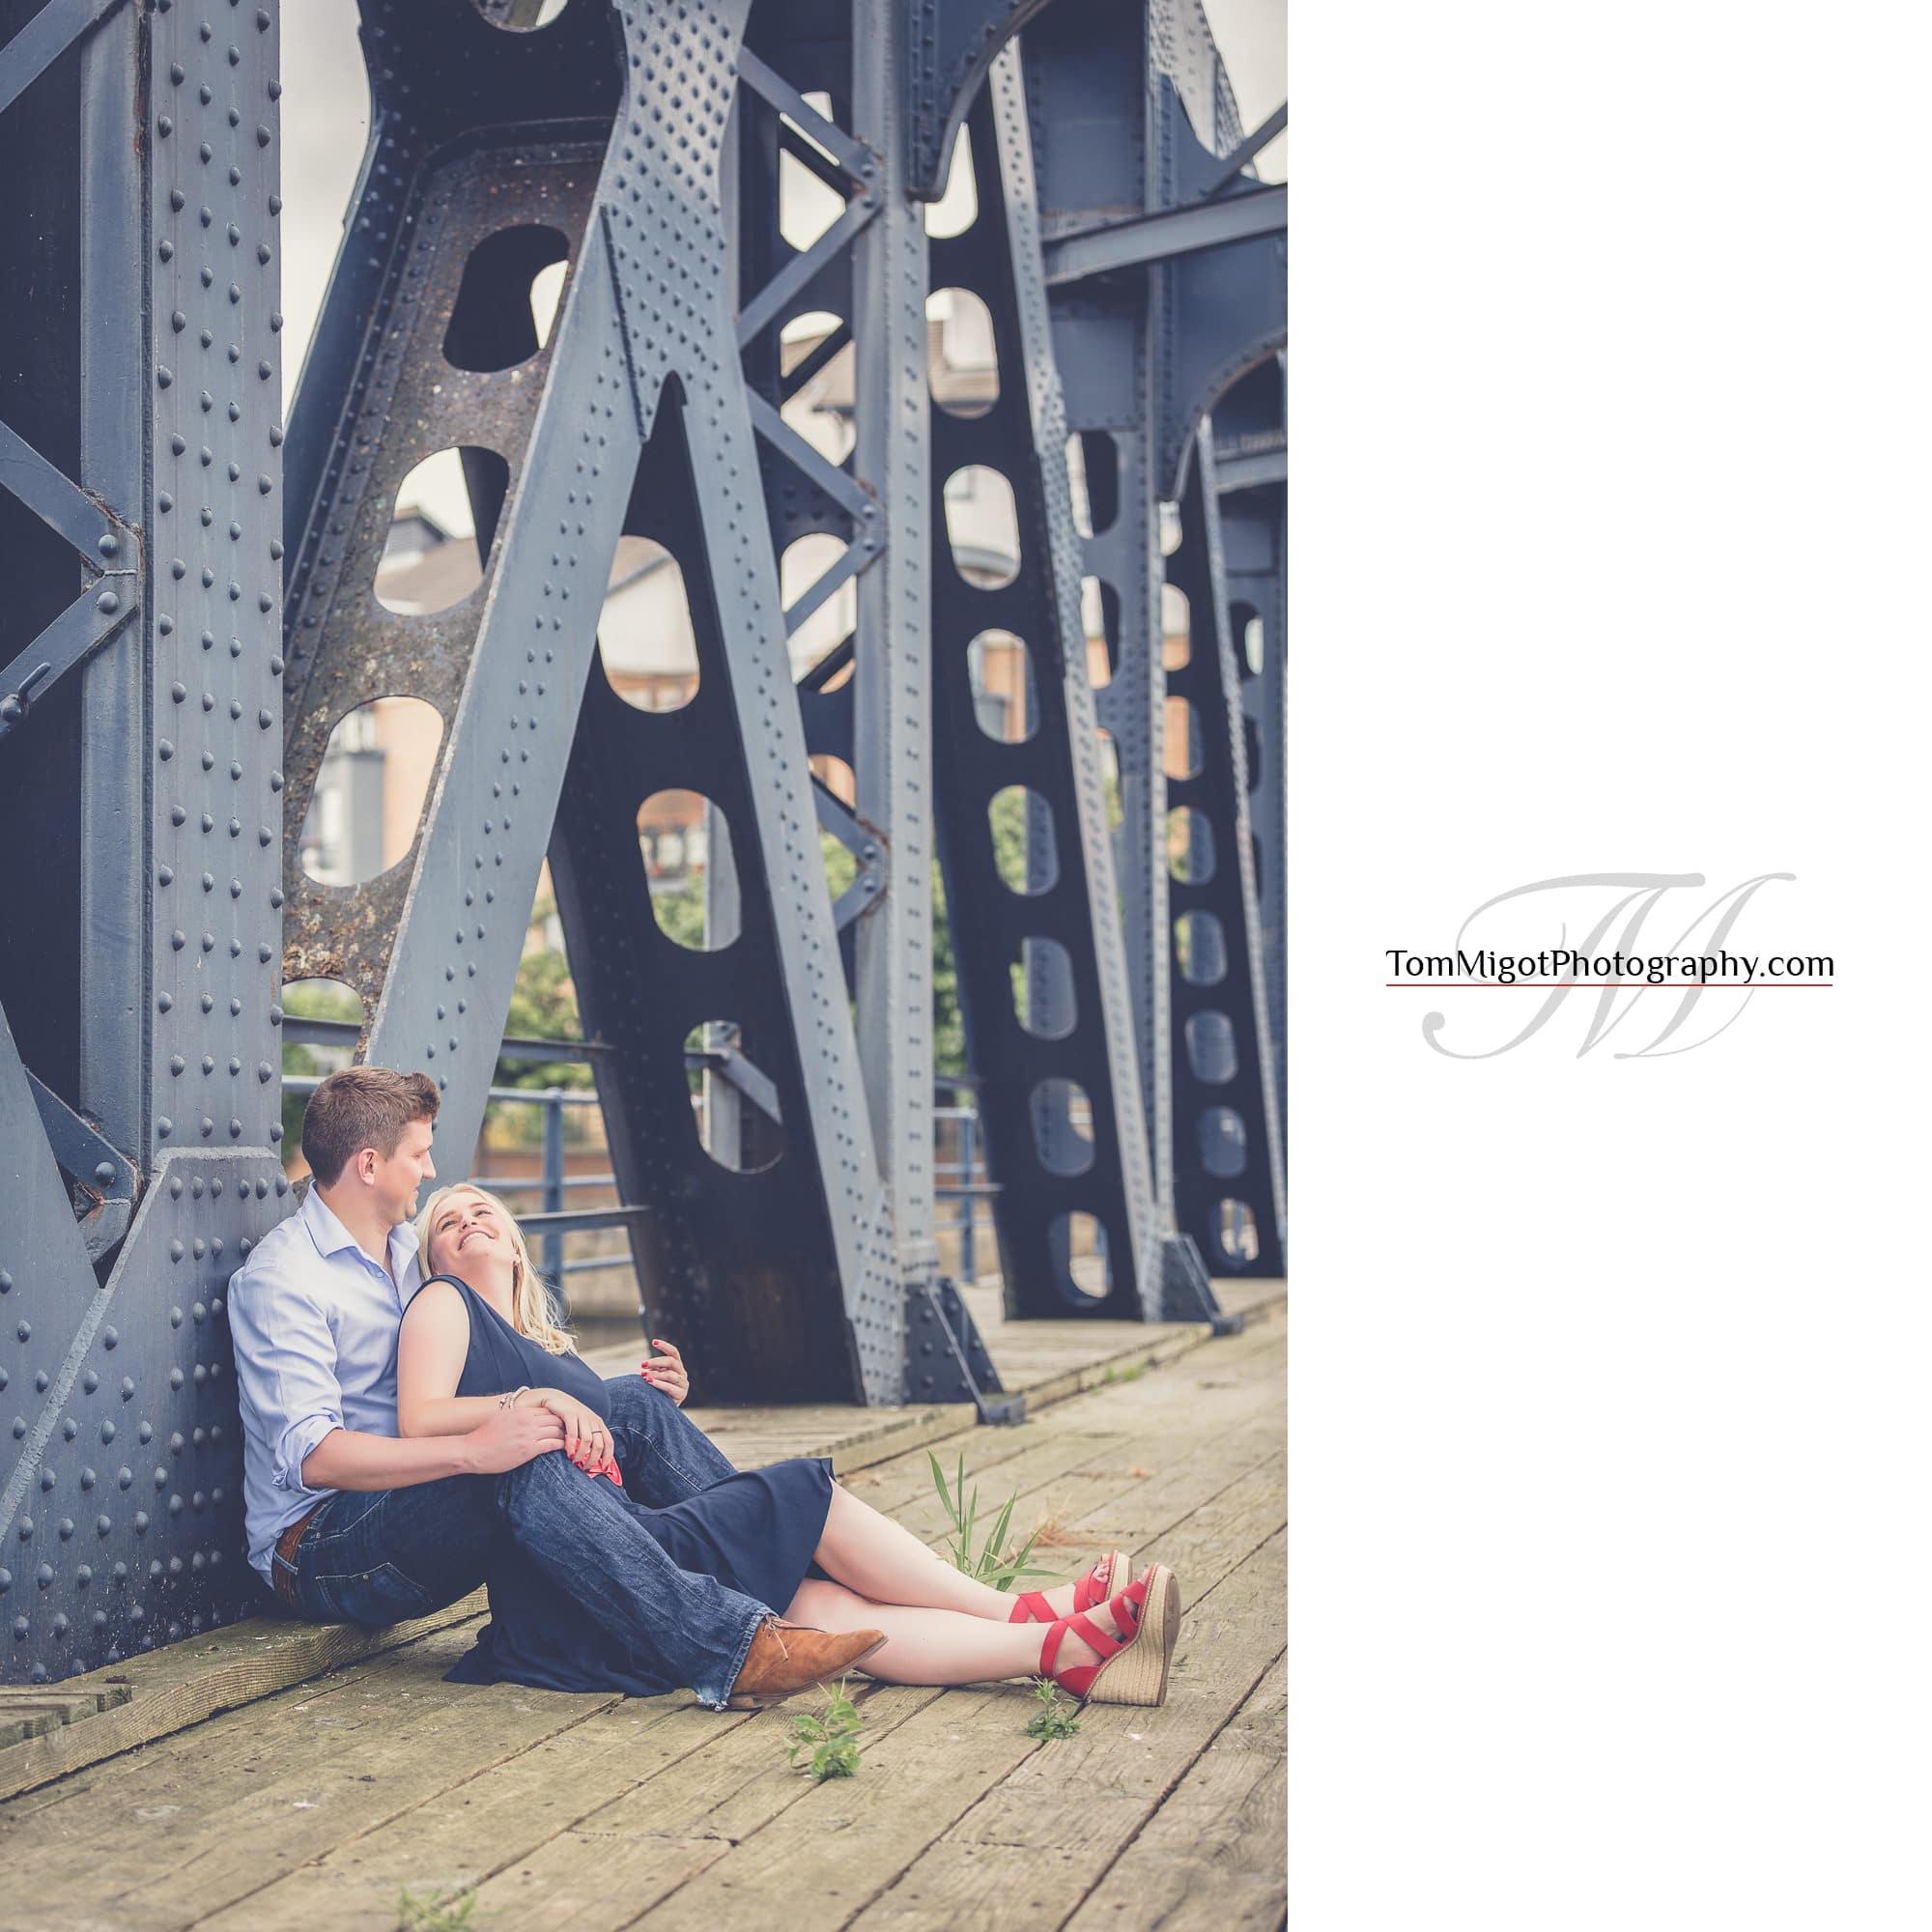 Séance d'avant mariage dans Leith près d'Edimbourg en Ecosse